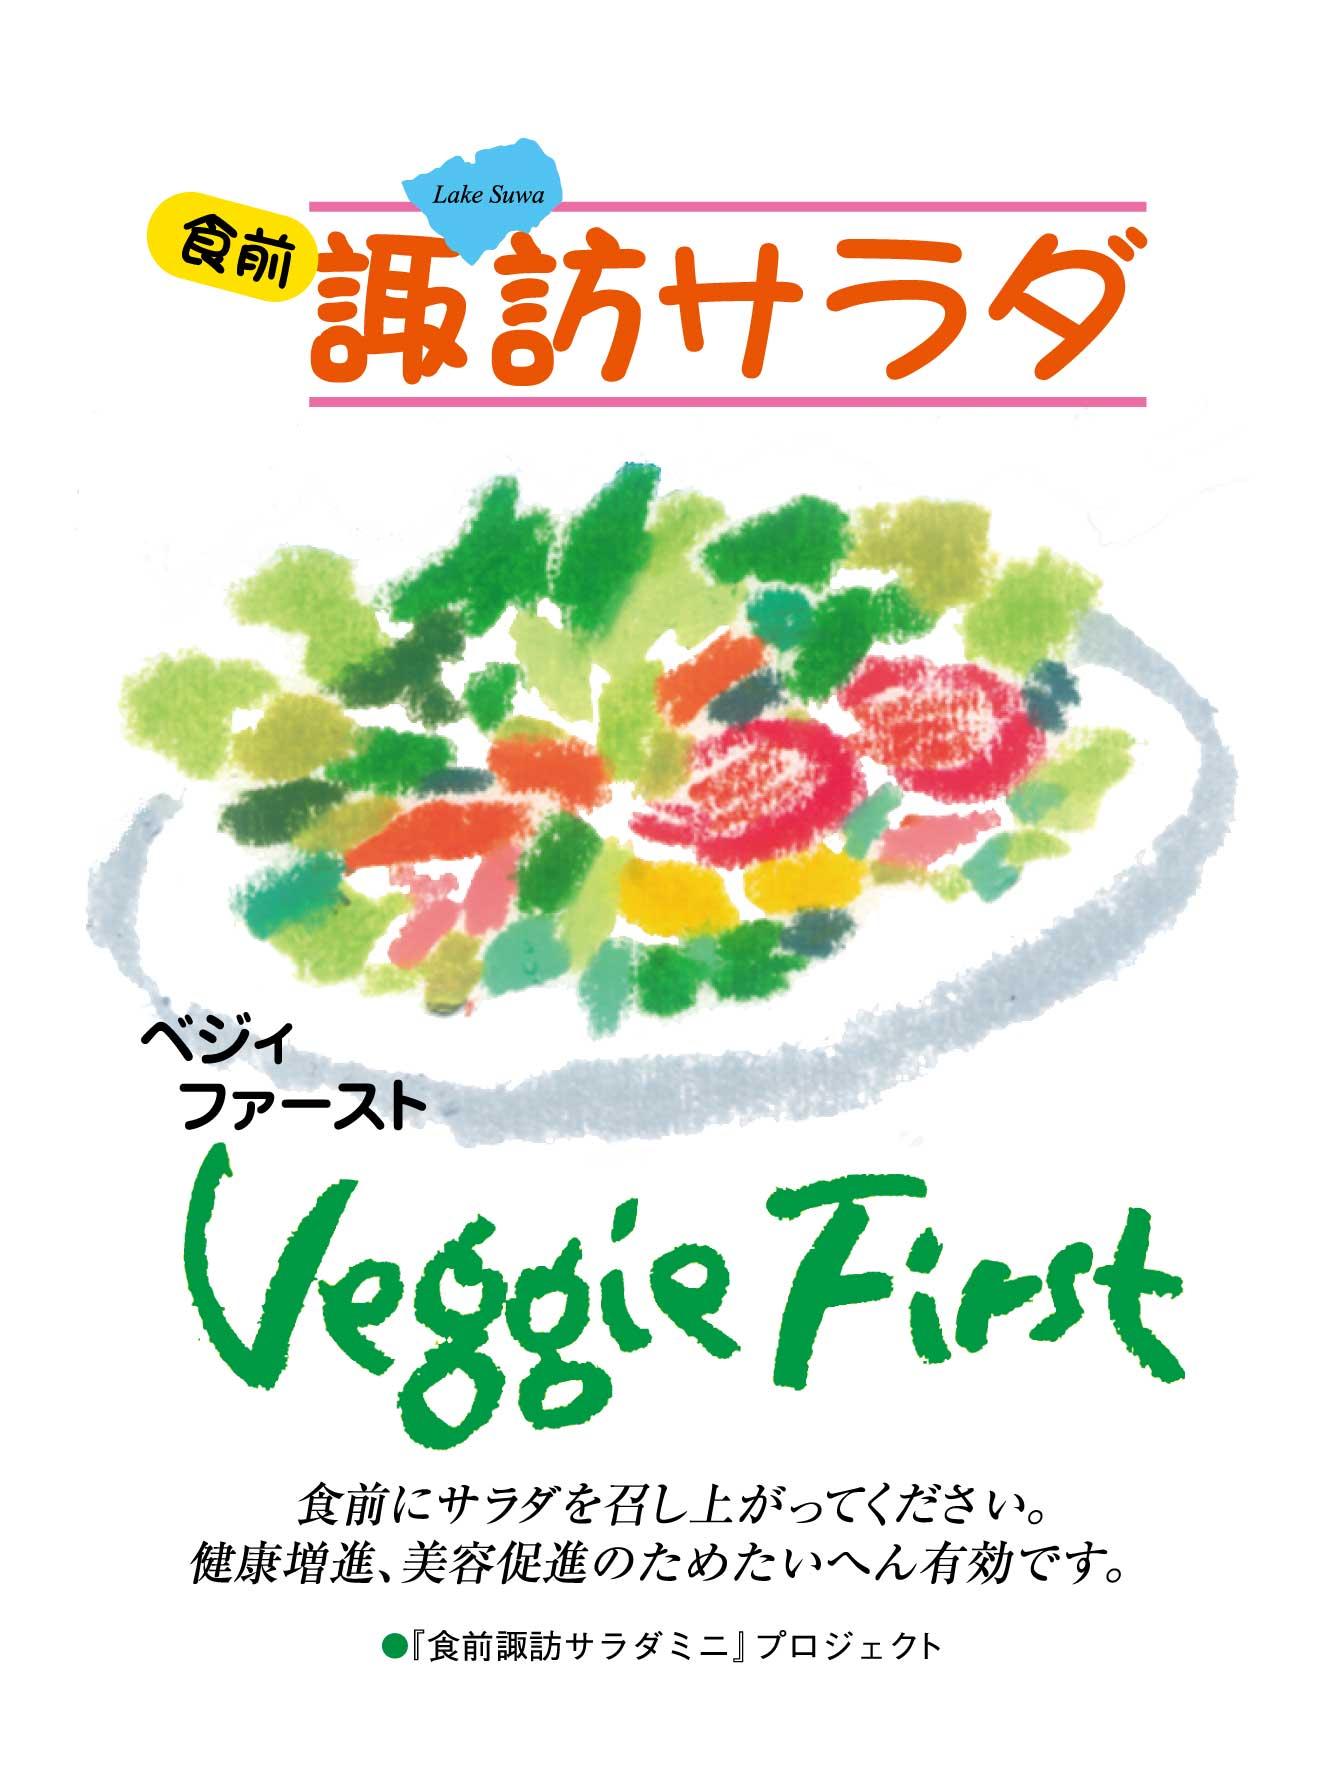 01食前諏訪サラダ【確定】.jpg